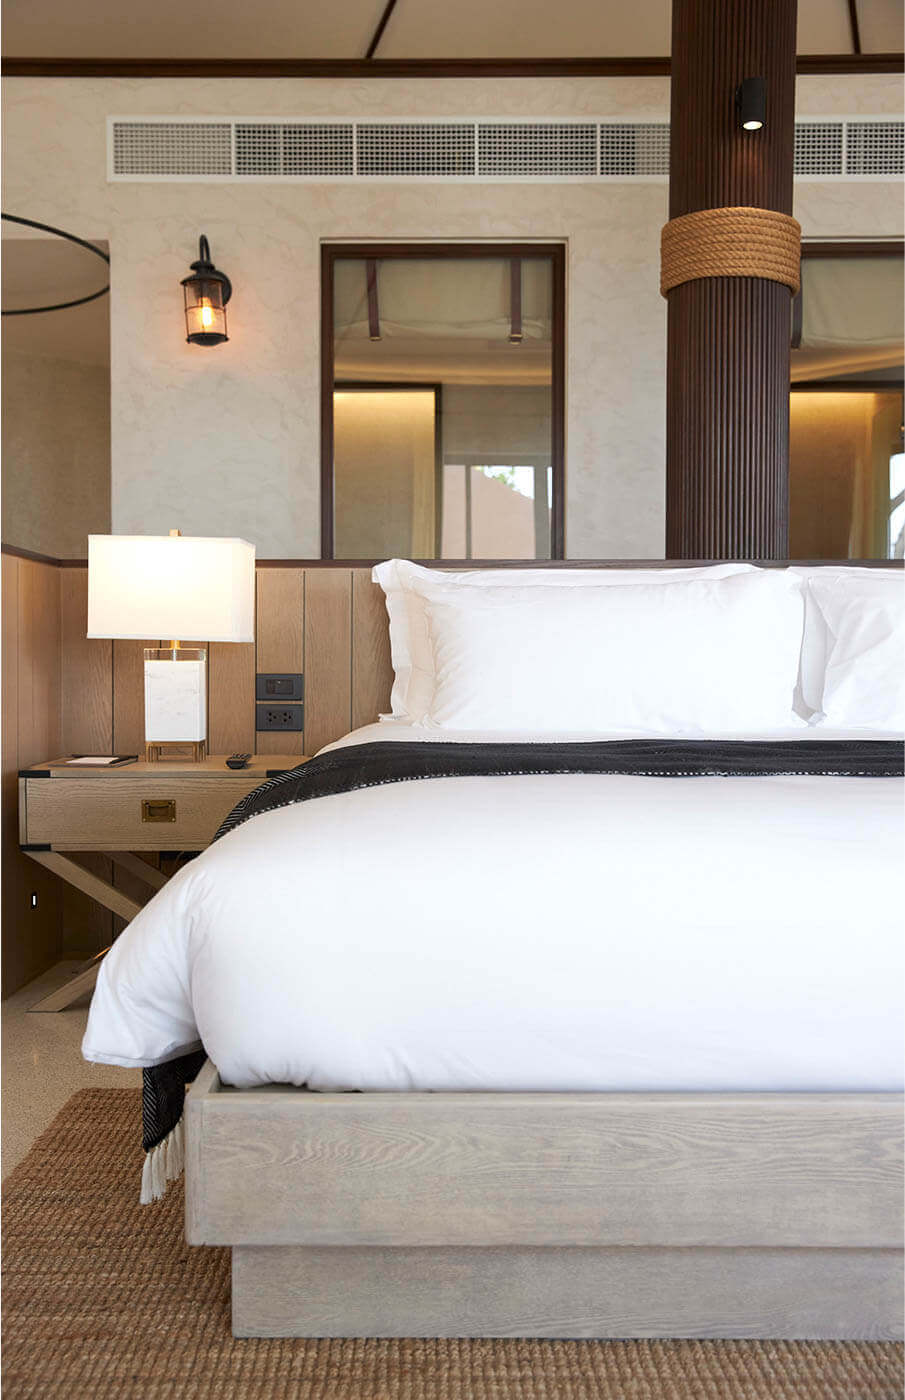 Pool villas hotel & resort